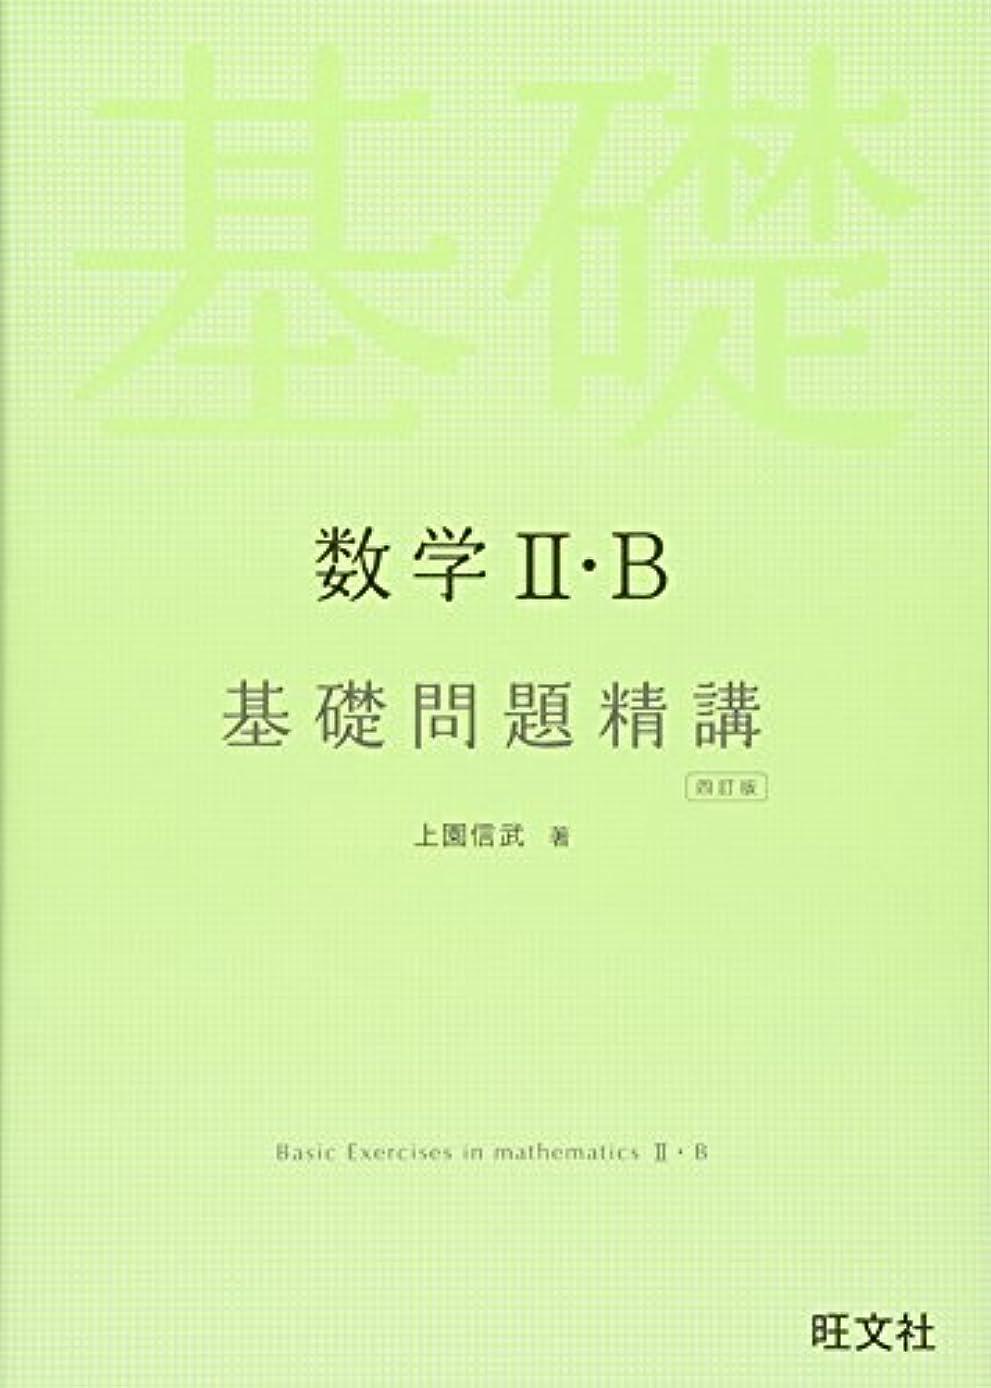 バラエティ候補者推測数学II?B 基礎問題精講 四訂版